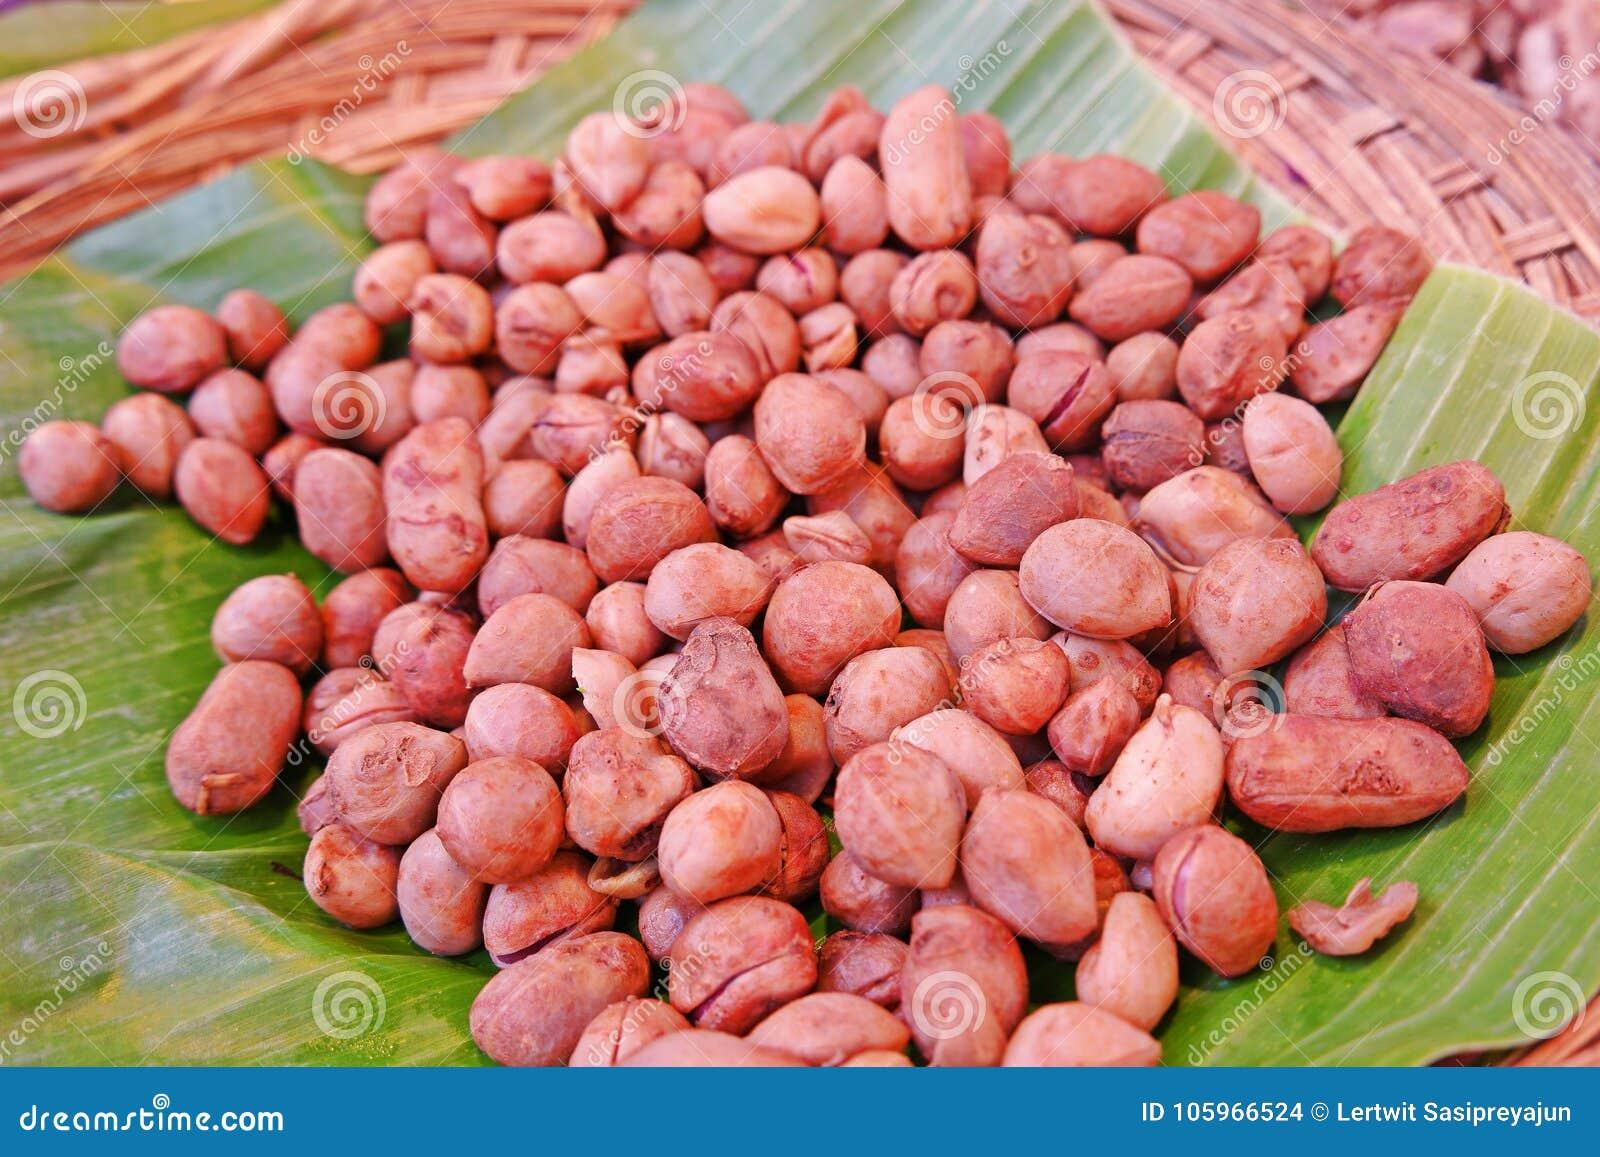 Bambarra de Aardnoot, in West-Afrika is voortgekomen, zijn peulen rijpt ondergronds als pinda die